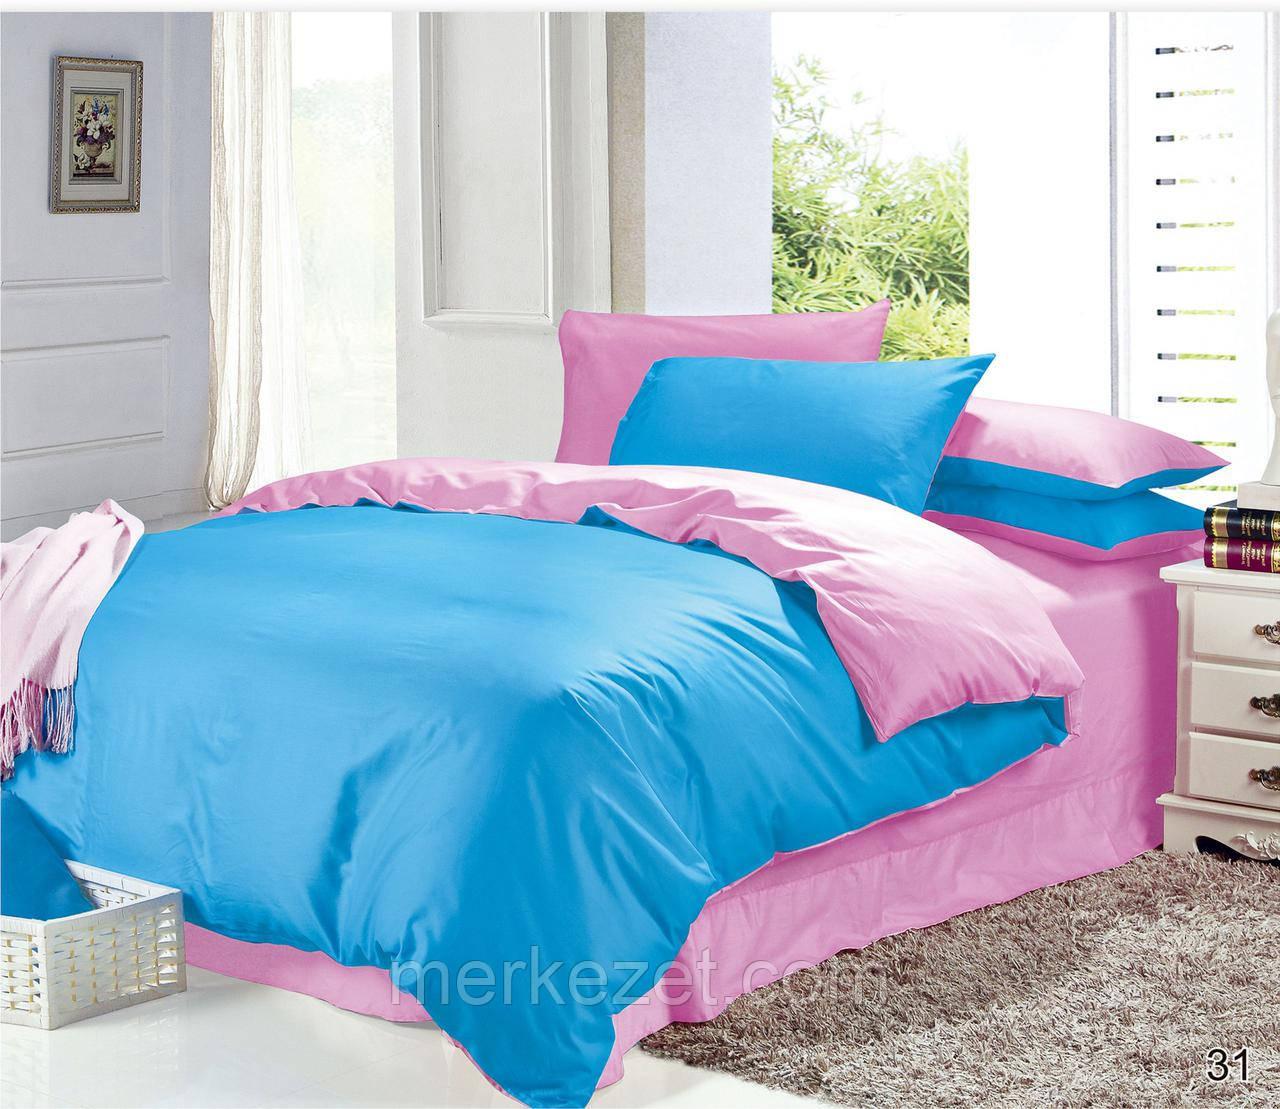 """Двухцветное постельное белье """"Пинки Блу"""" на двухспальную кровать"""